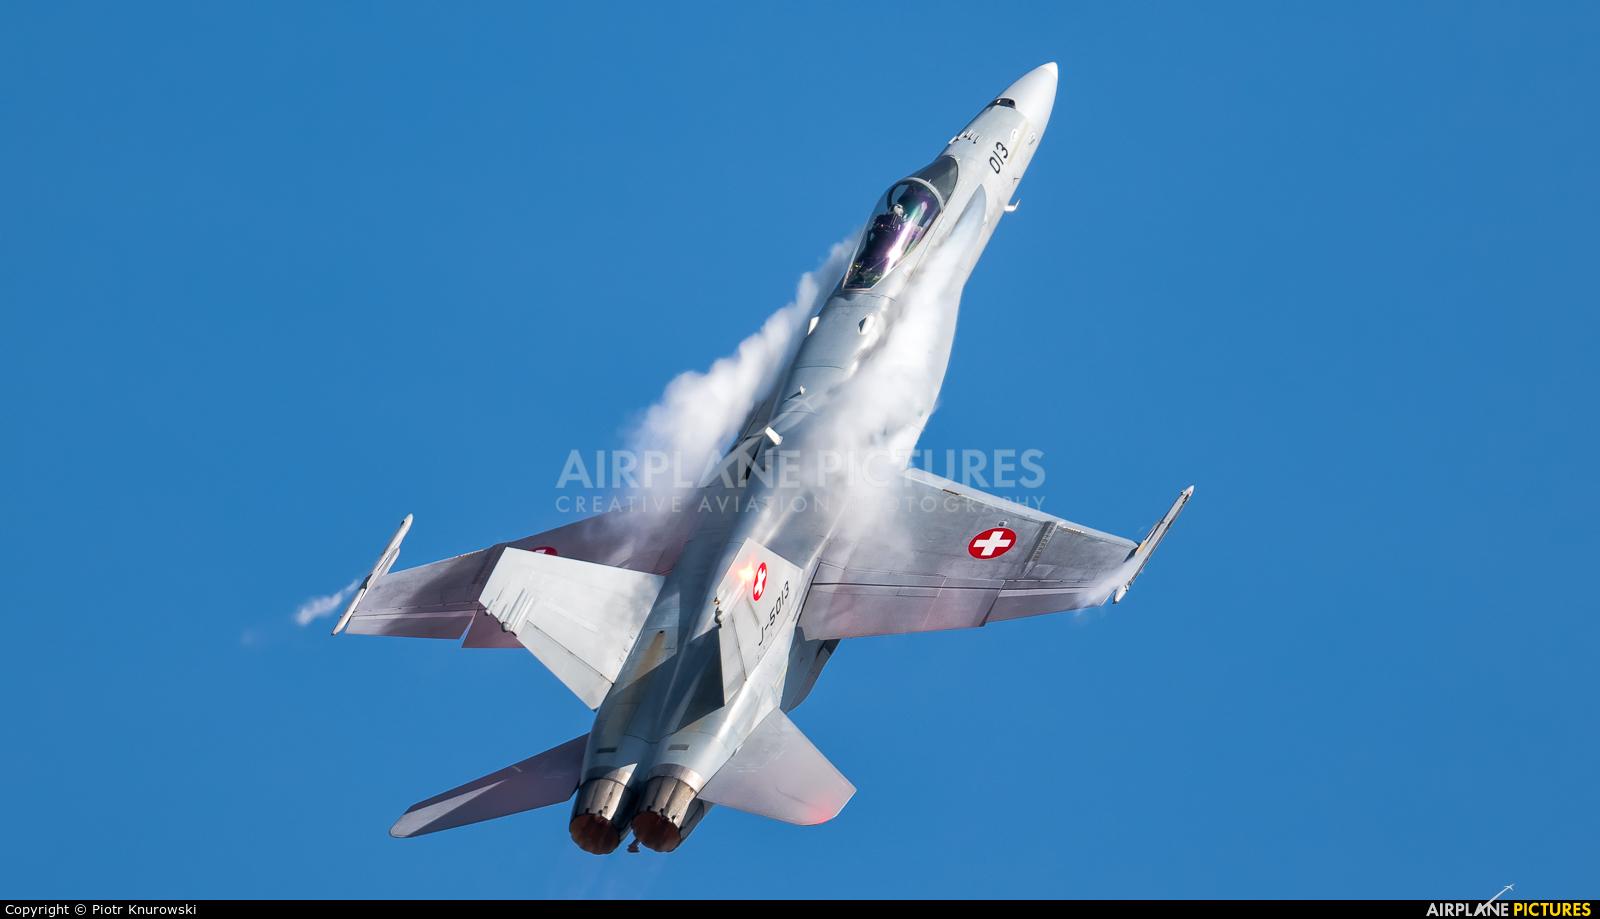 Switzerland - Air Force J-5013 aircraft at Kleine Brogel